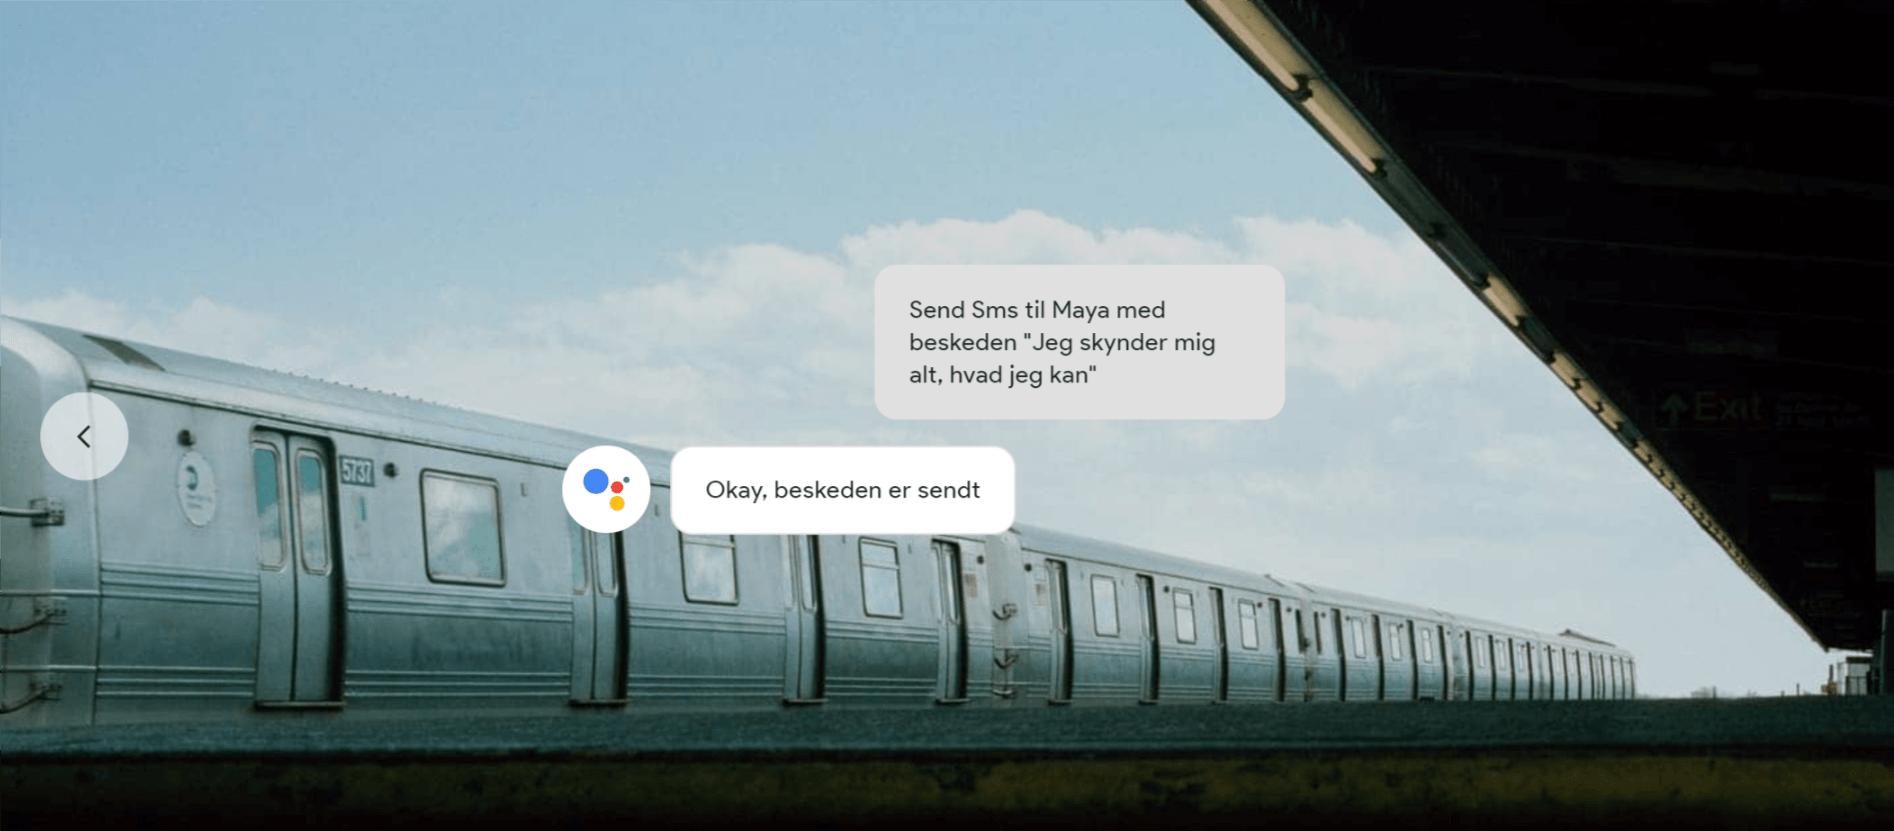 Uruchomienie Asystenta Google w językach duńskim i norweskim jest już bardzo bliskie. Kiedy w końcu Polska? 20